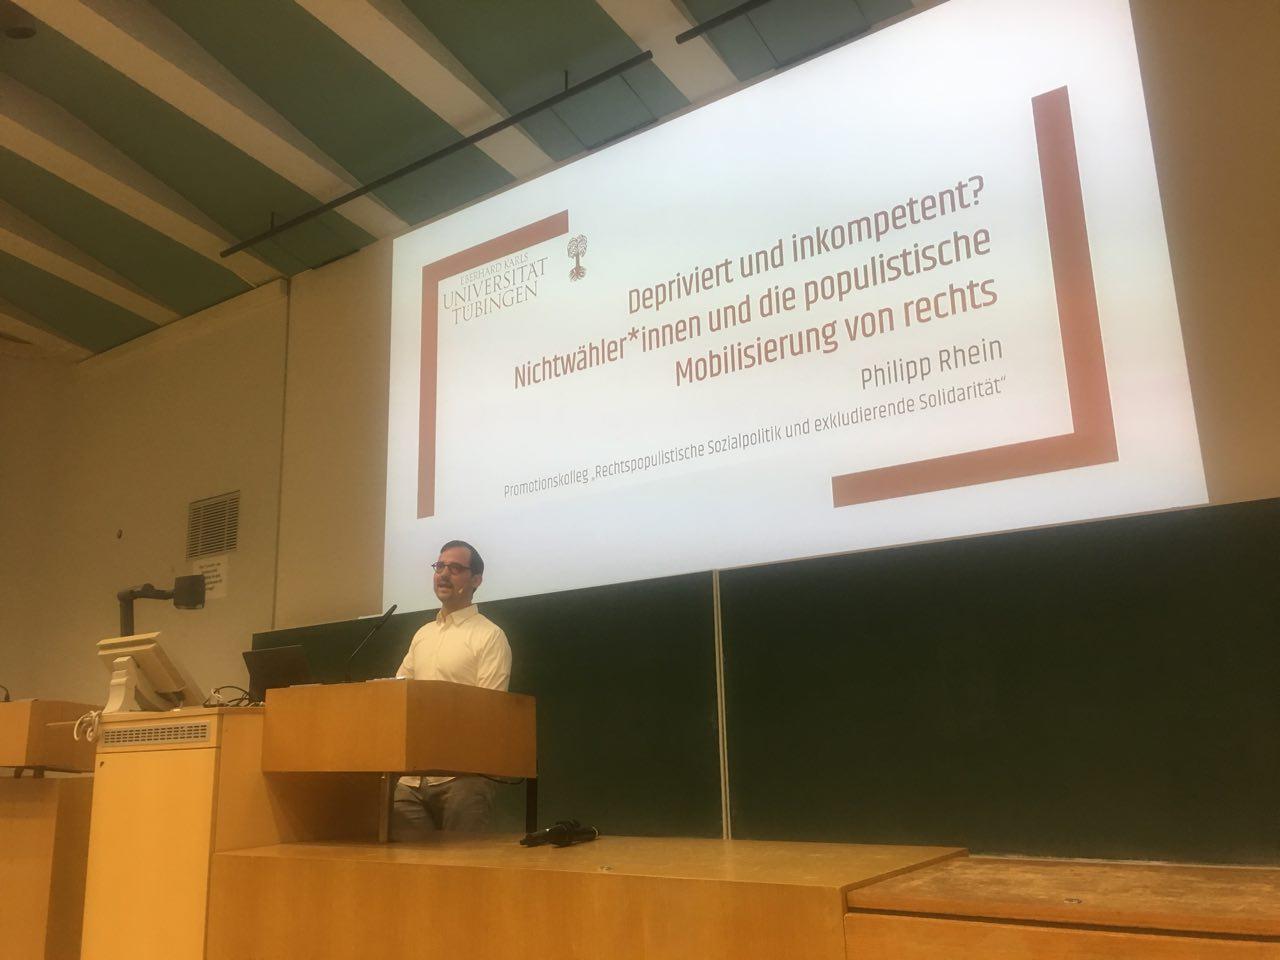 Philipp Rhein während seines Vortrages.